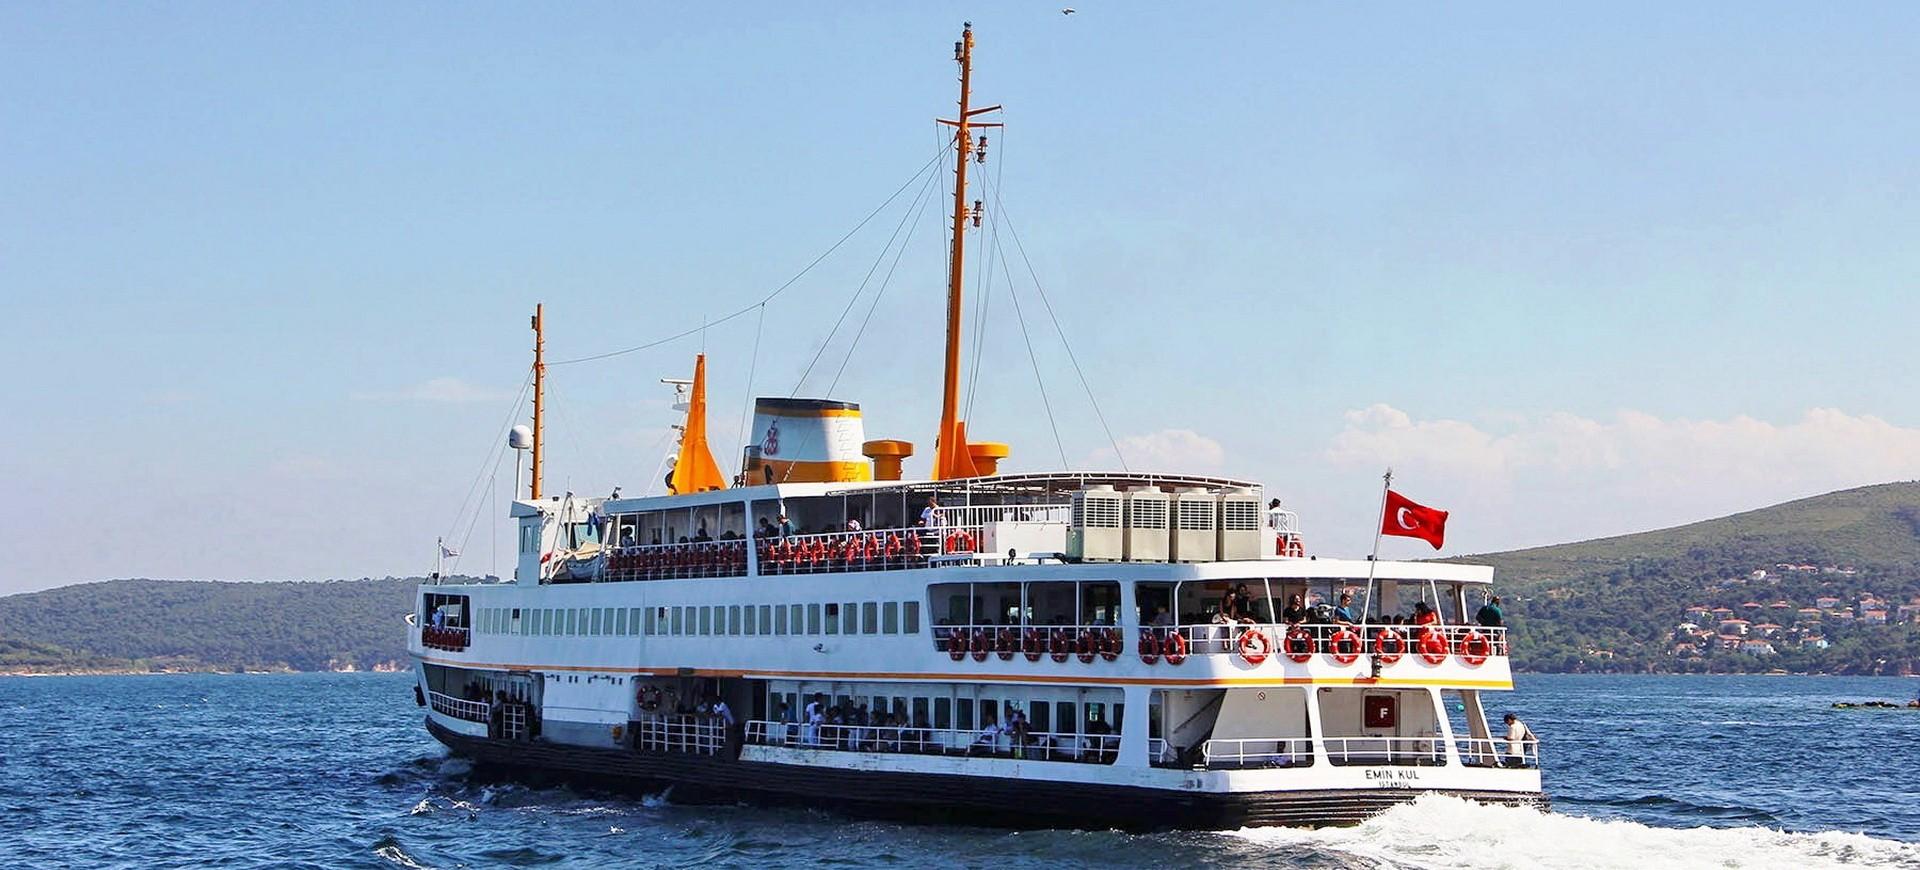 Croisière sur le Bosphore à Istanbul en Turquie